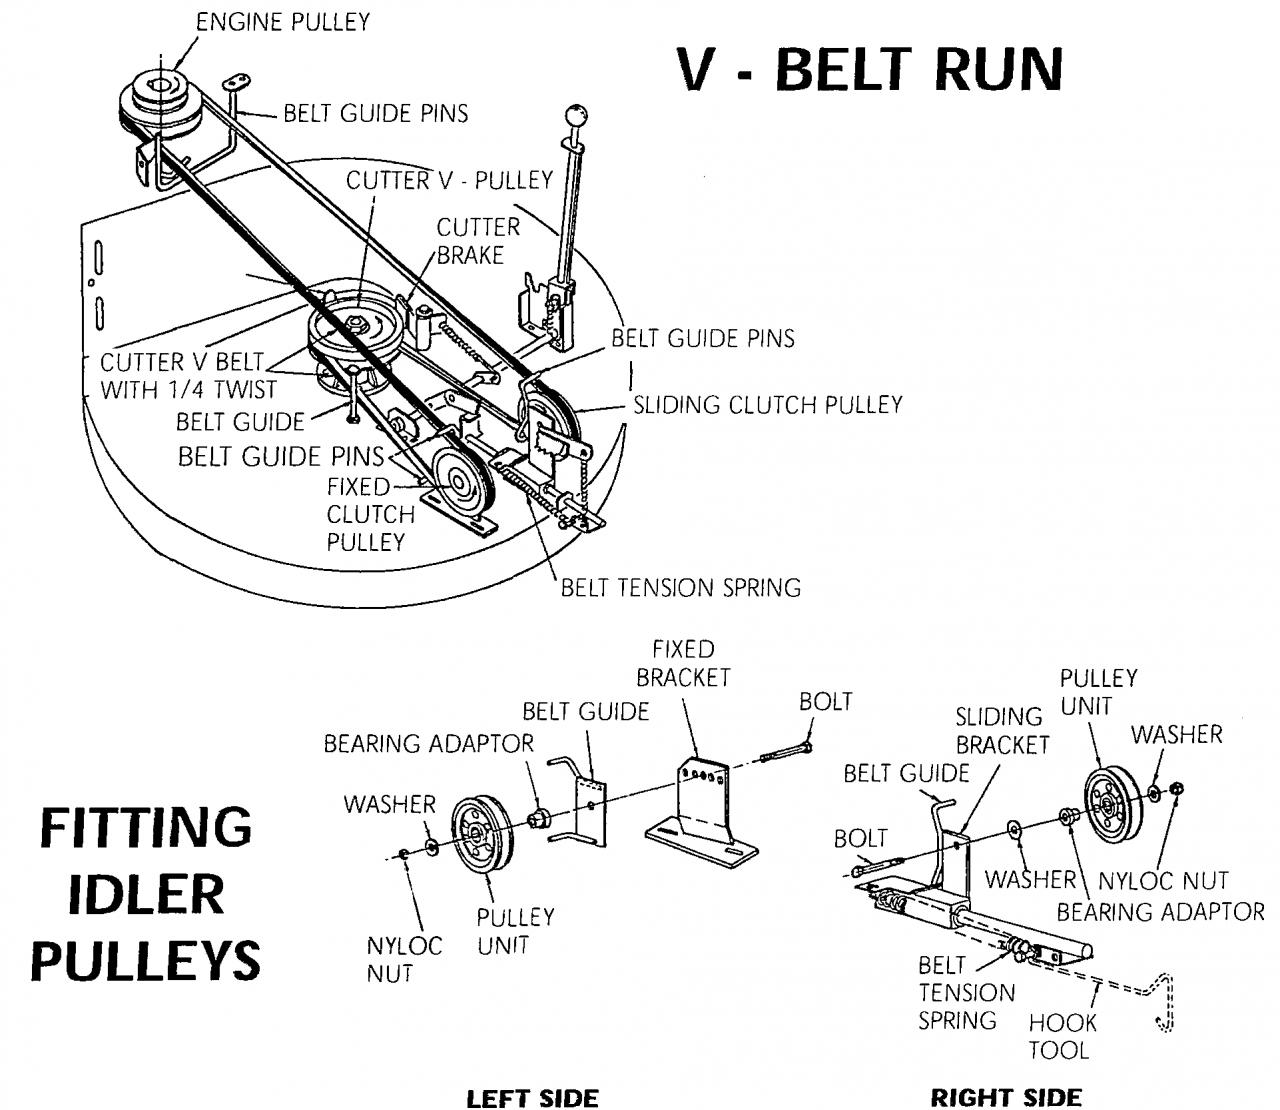 1972 honda ct 90 wiring diagram